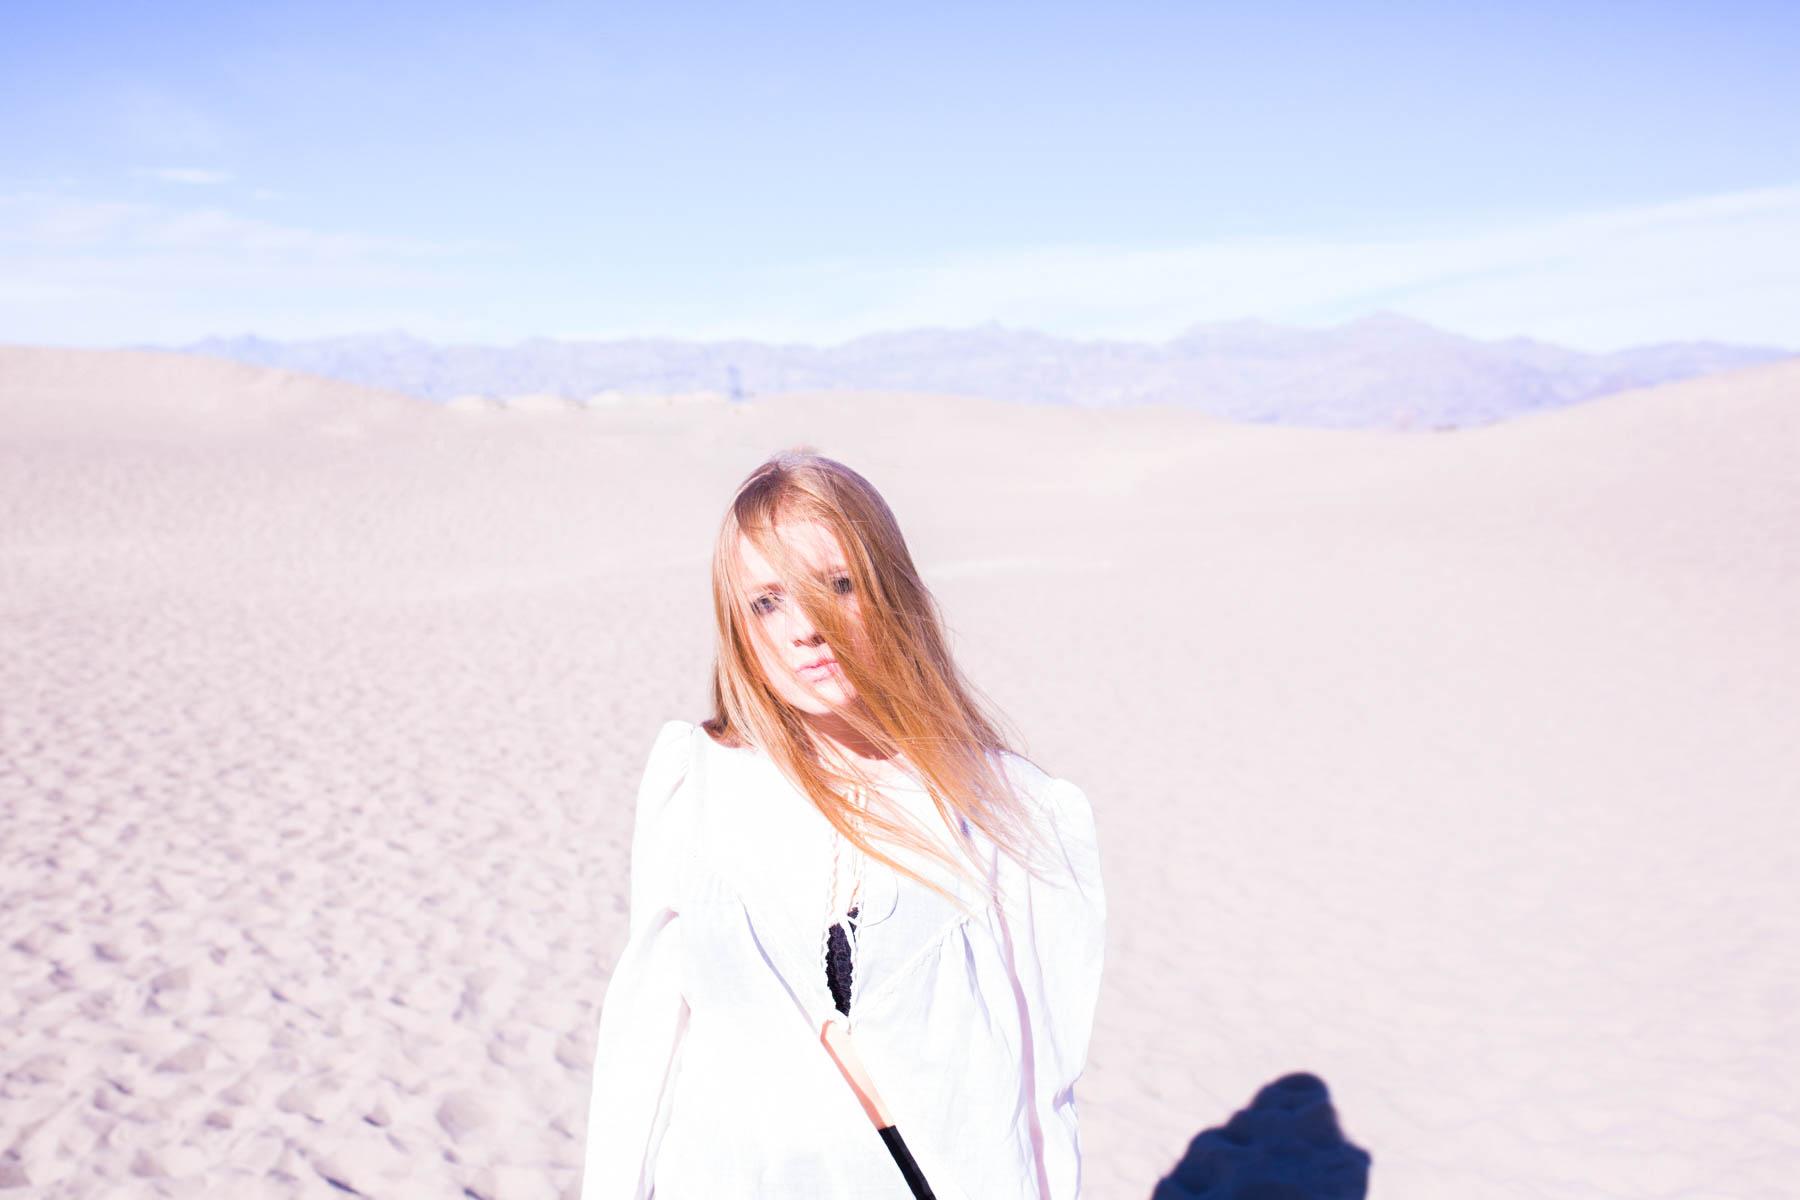 WRENN_desert medium.jpg